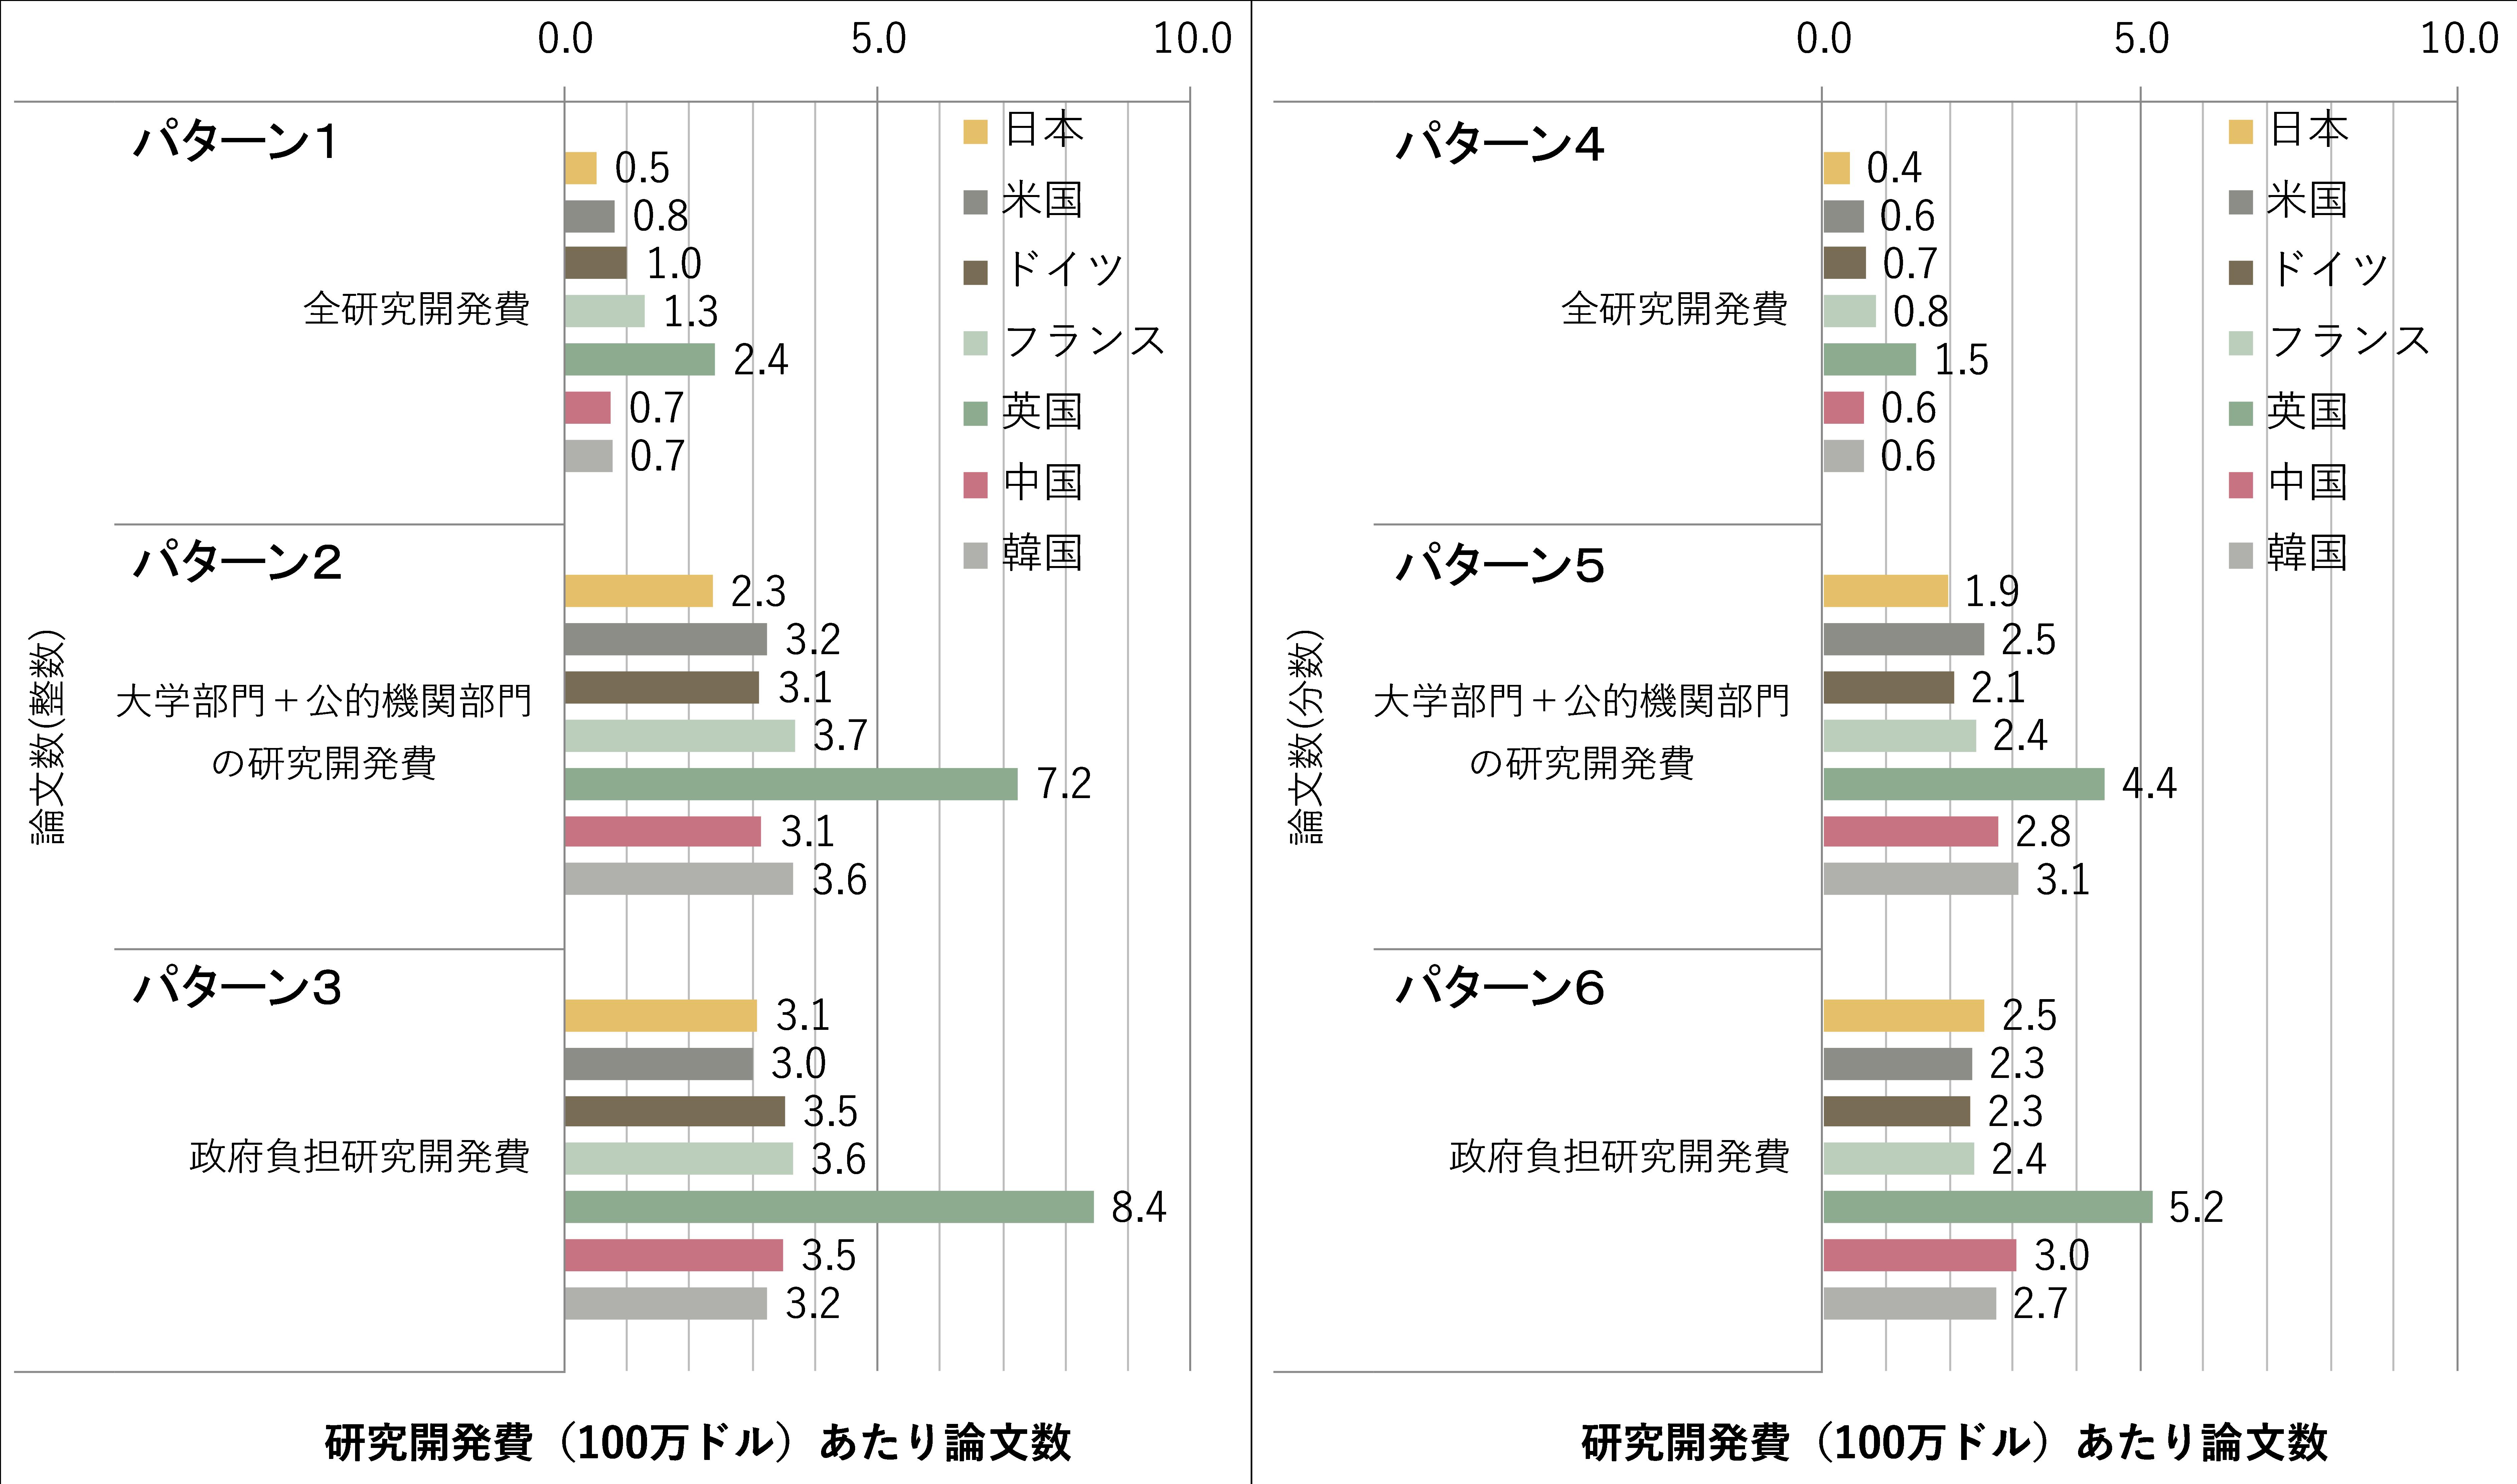 図表4 論文生産性の分析(幾つかのパターンについての主要国の比較、2013~2015年の平均)注5